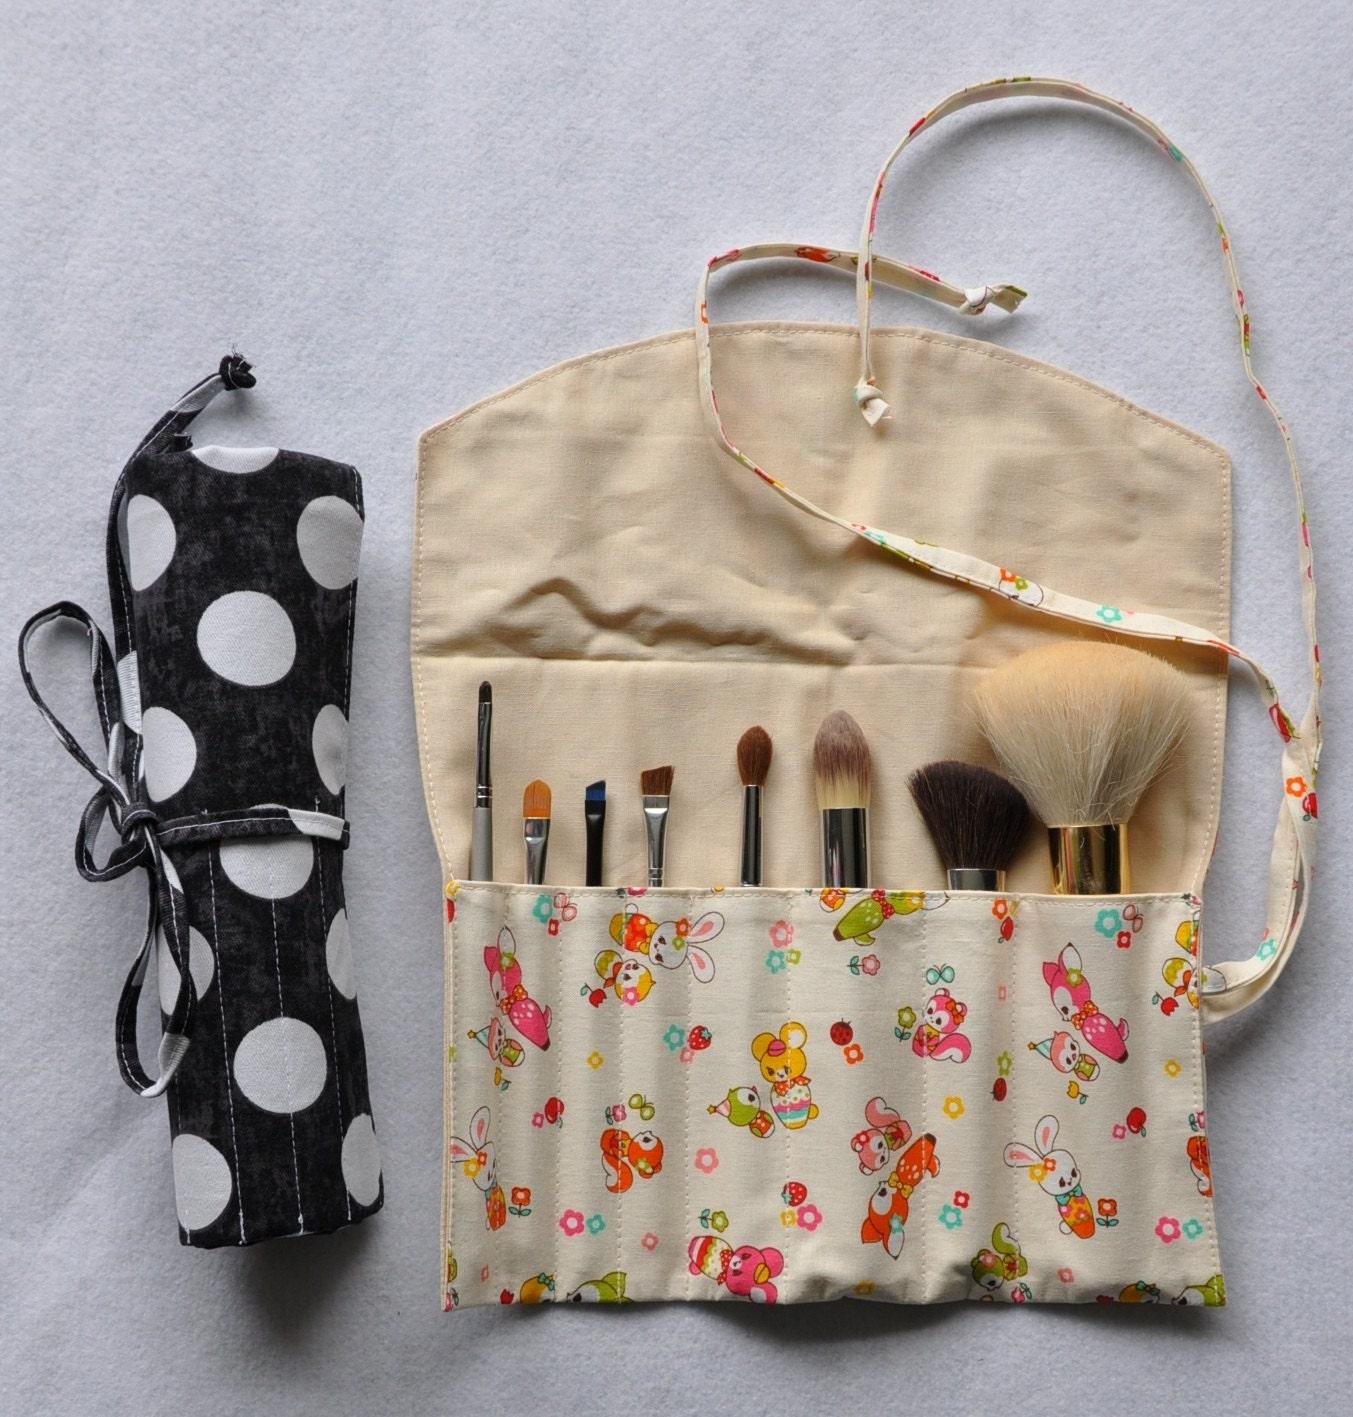 Makeup organizer tutorial